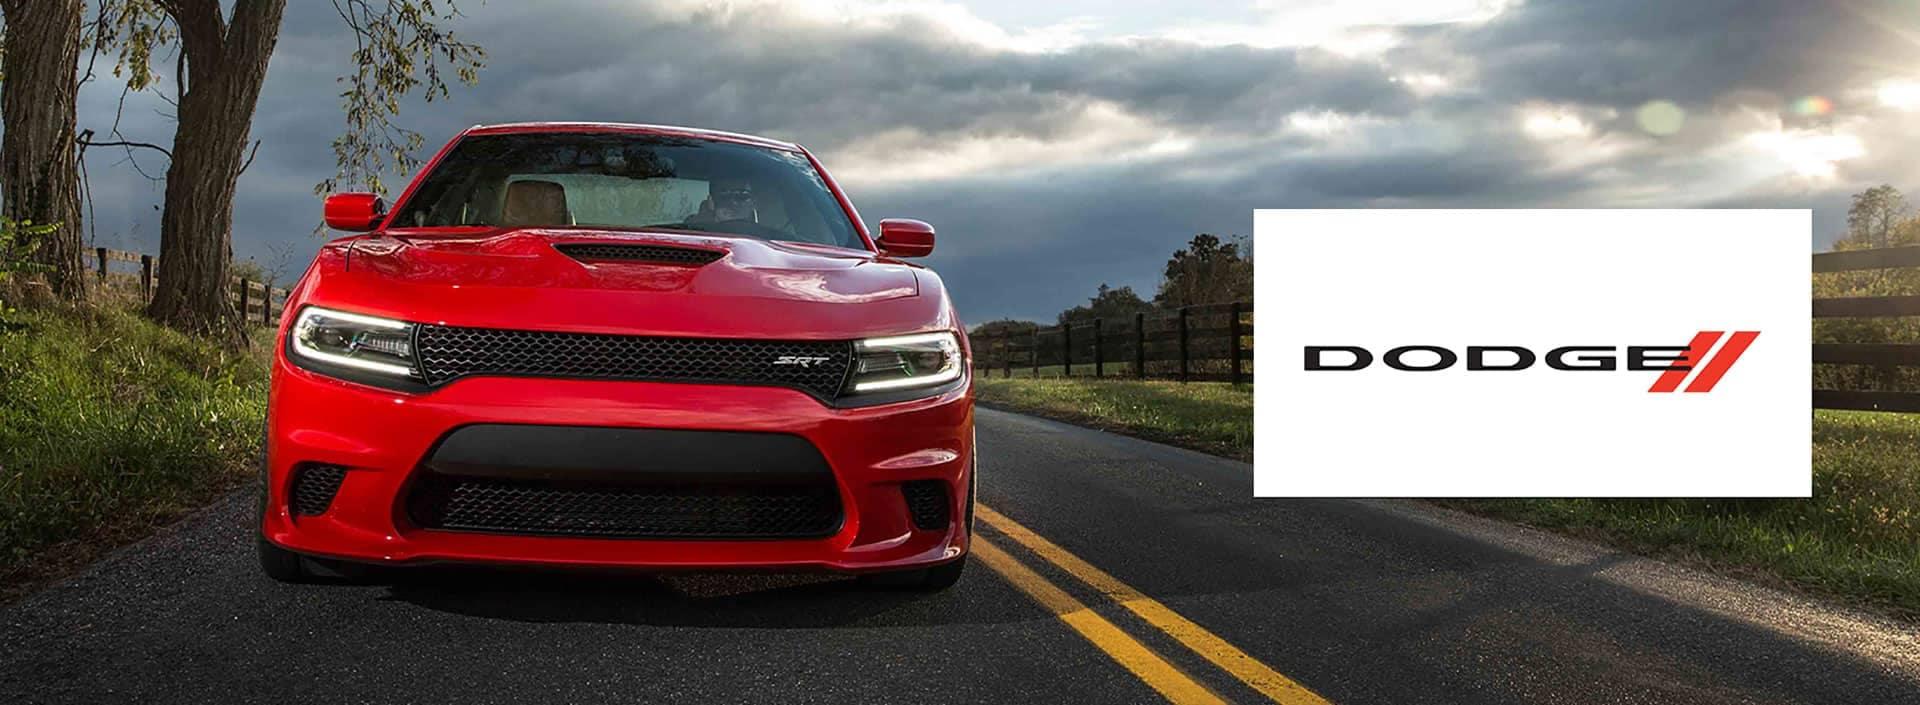 Dodge-Banner-Desktop